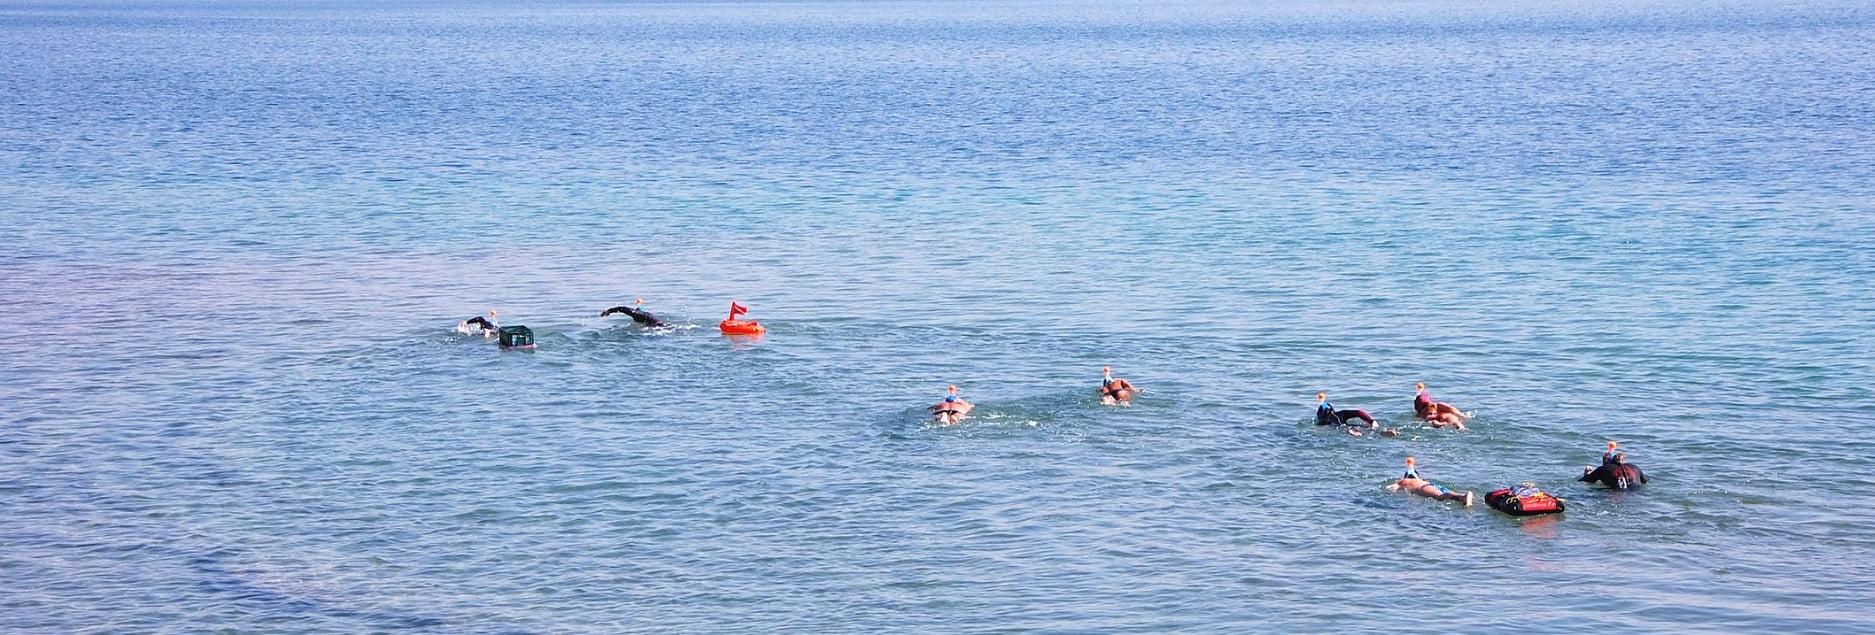 Swimming in the Dead Sea. Courtesy of DeadSeaSwim.com